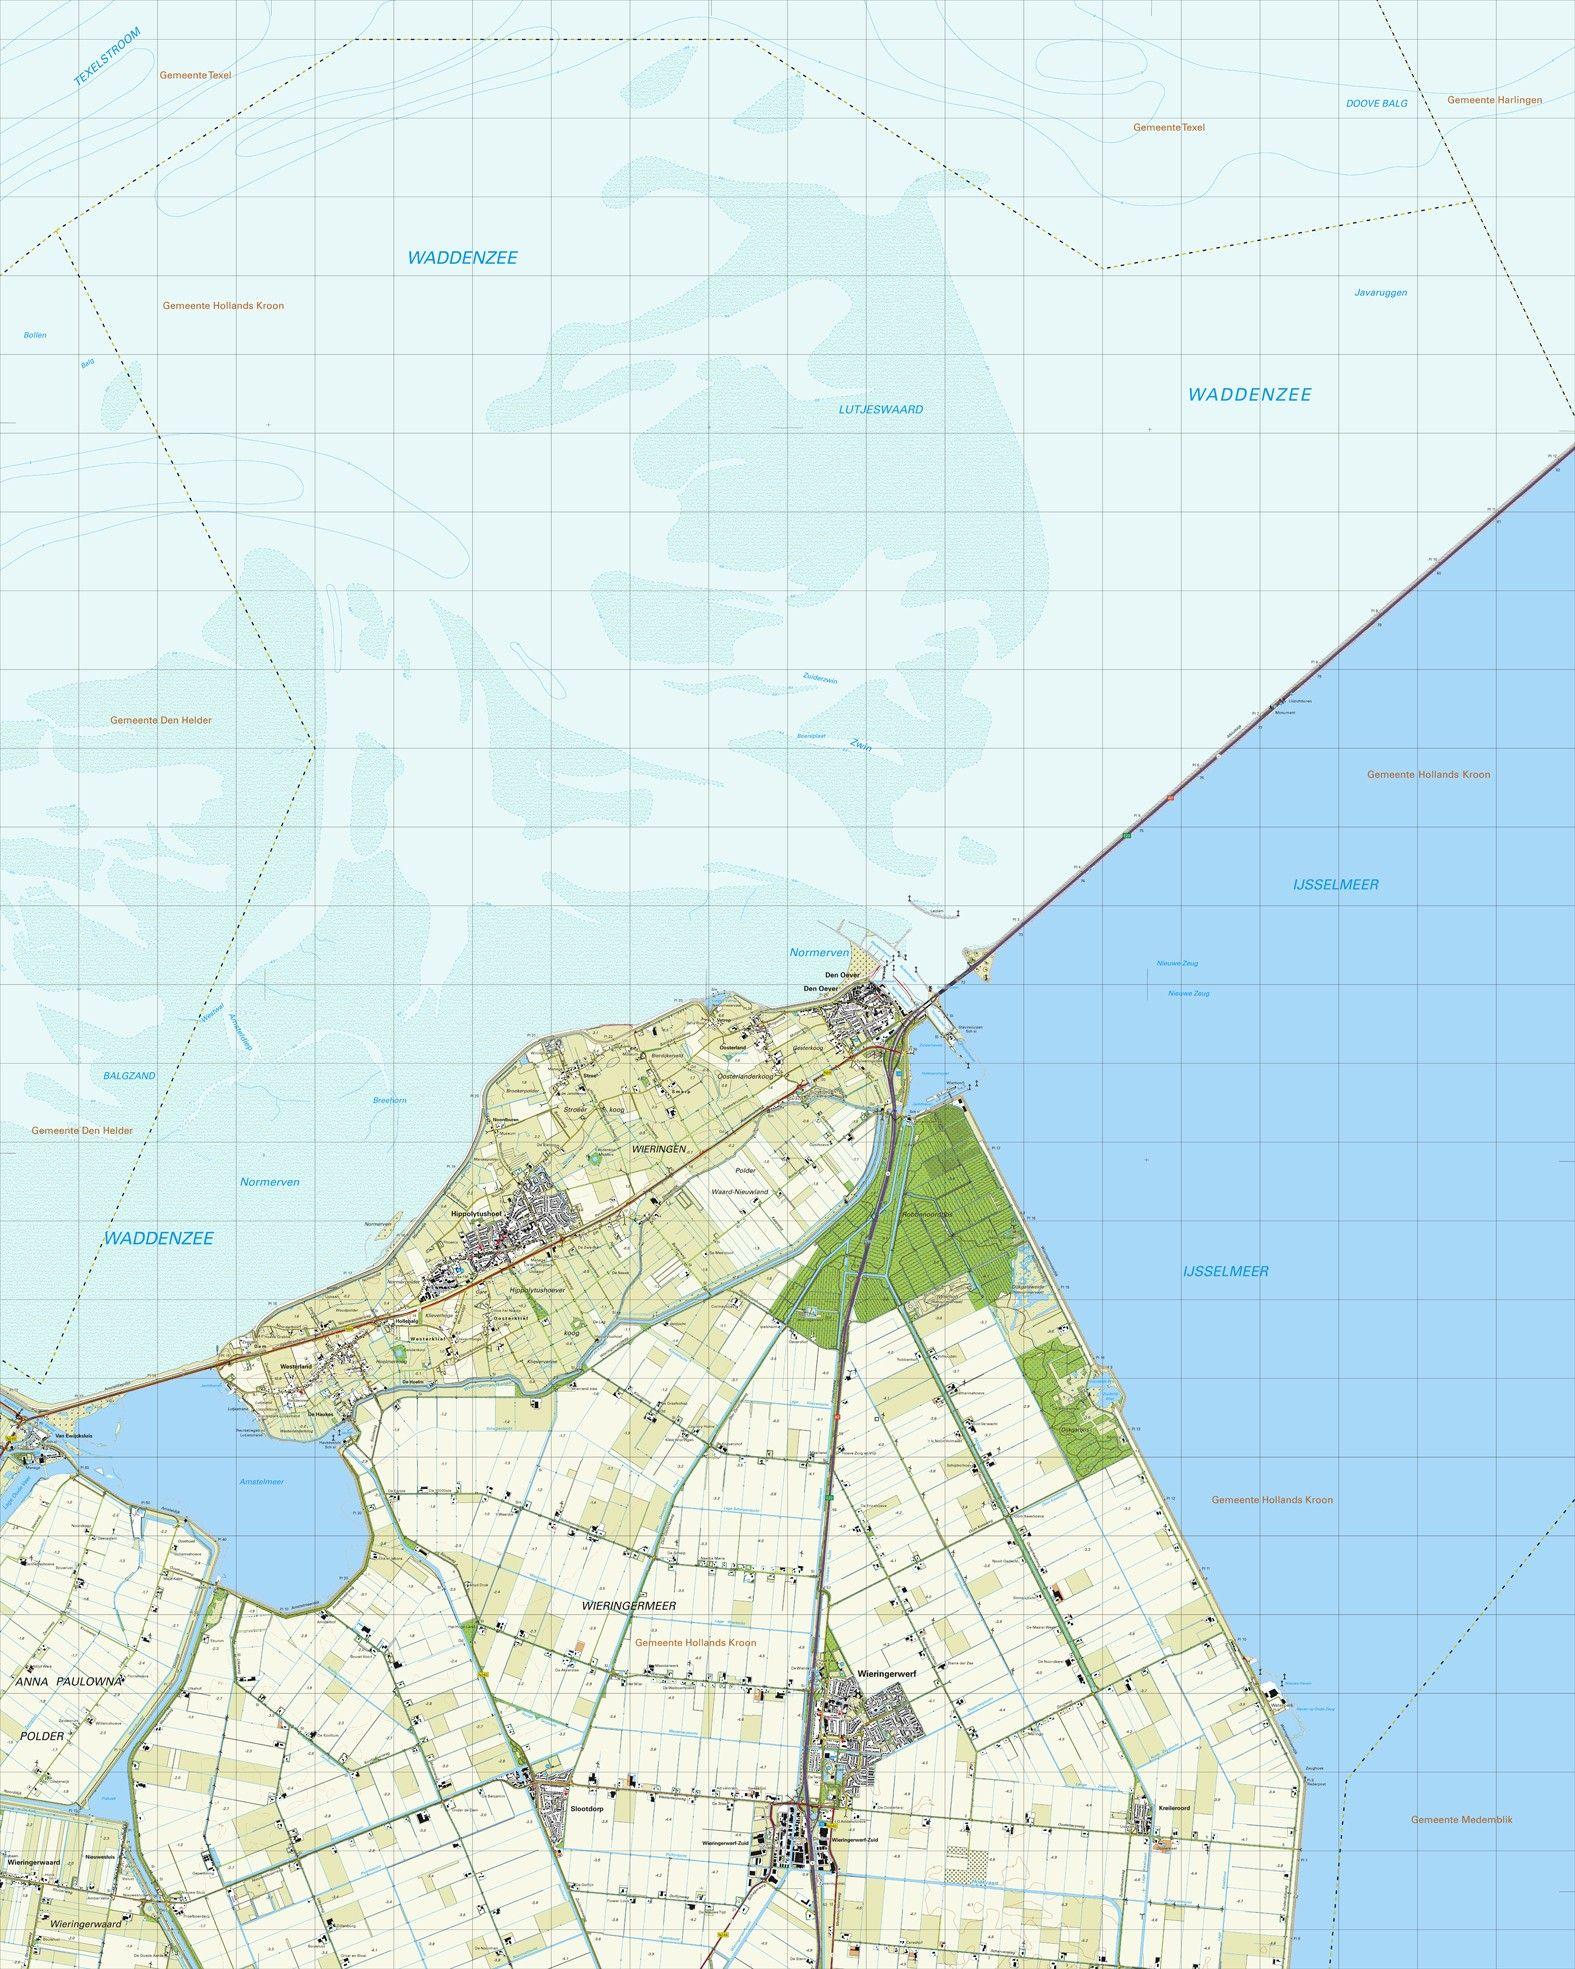 Topografische kaart schaal 1:25.000 (Den Oever, Hippolytushoef, Wieringerwerf, Slootdorp)